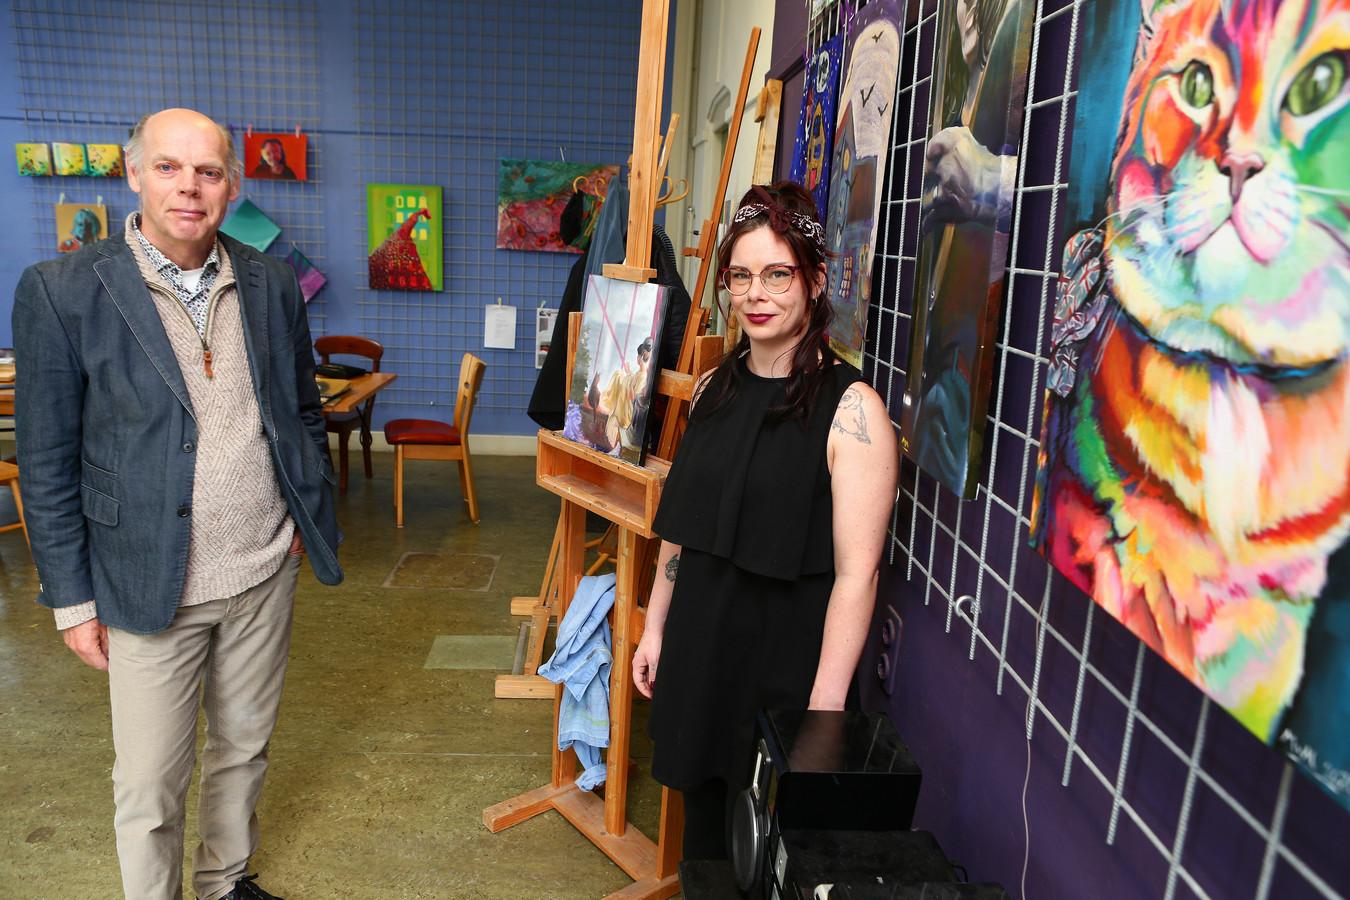 Kunstenares Milou van Montfort en Ton IJlstra van Creatief Centrum Woerden in het oude Minkemapand.